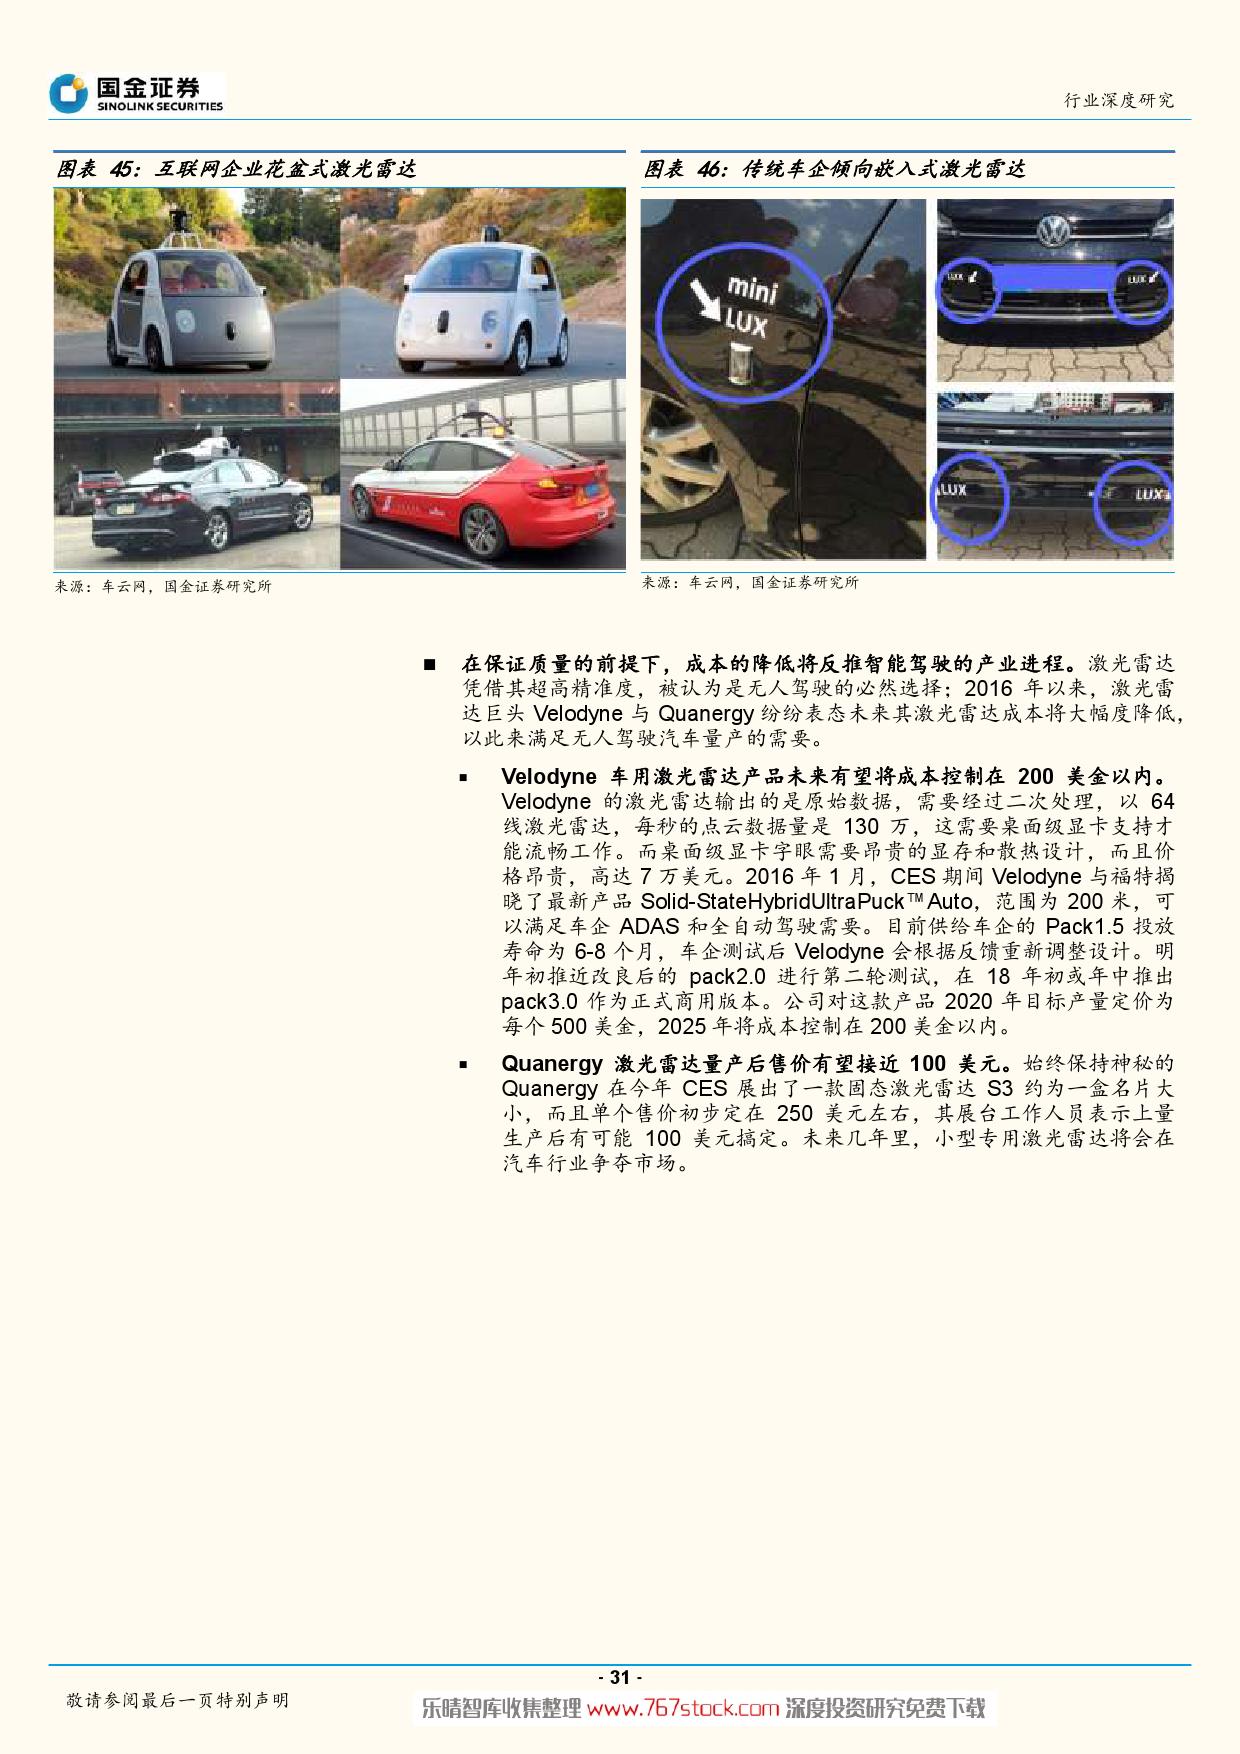 特斯拉产业系列深度报告-智能驾驶爆发在即_000031